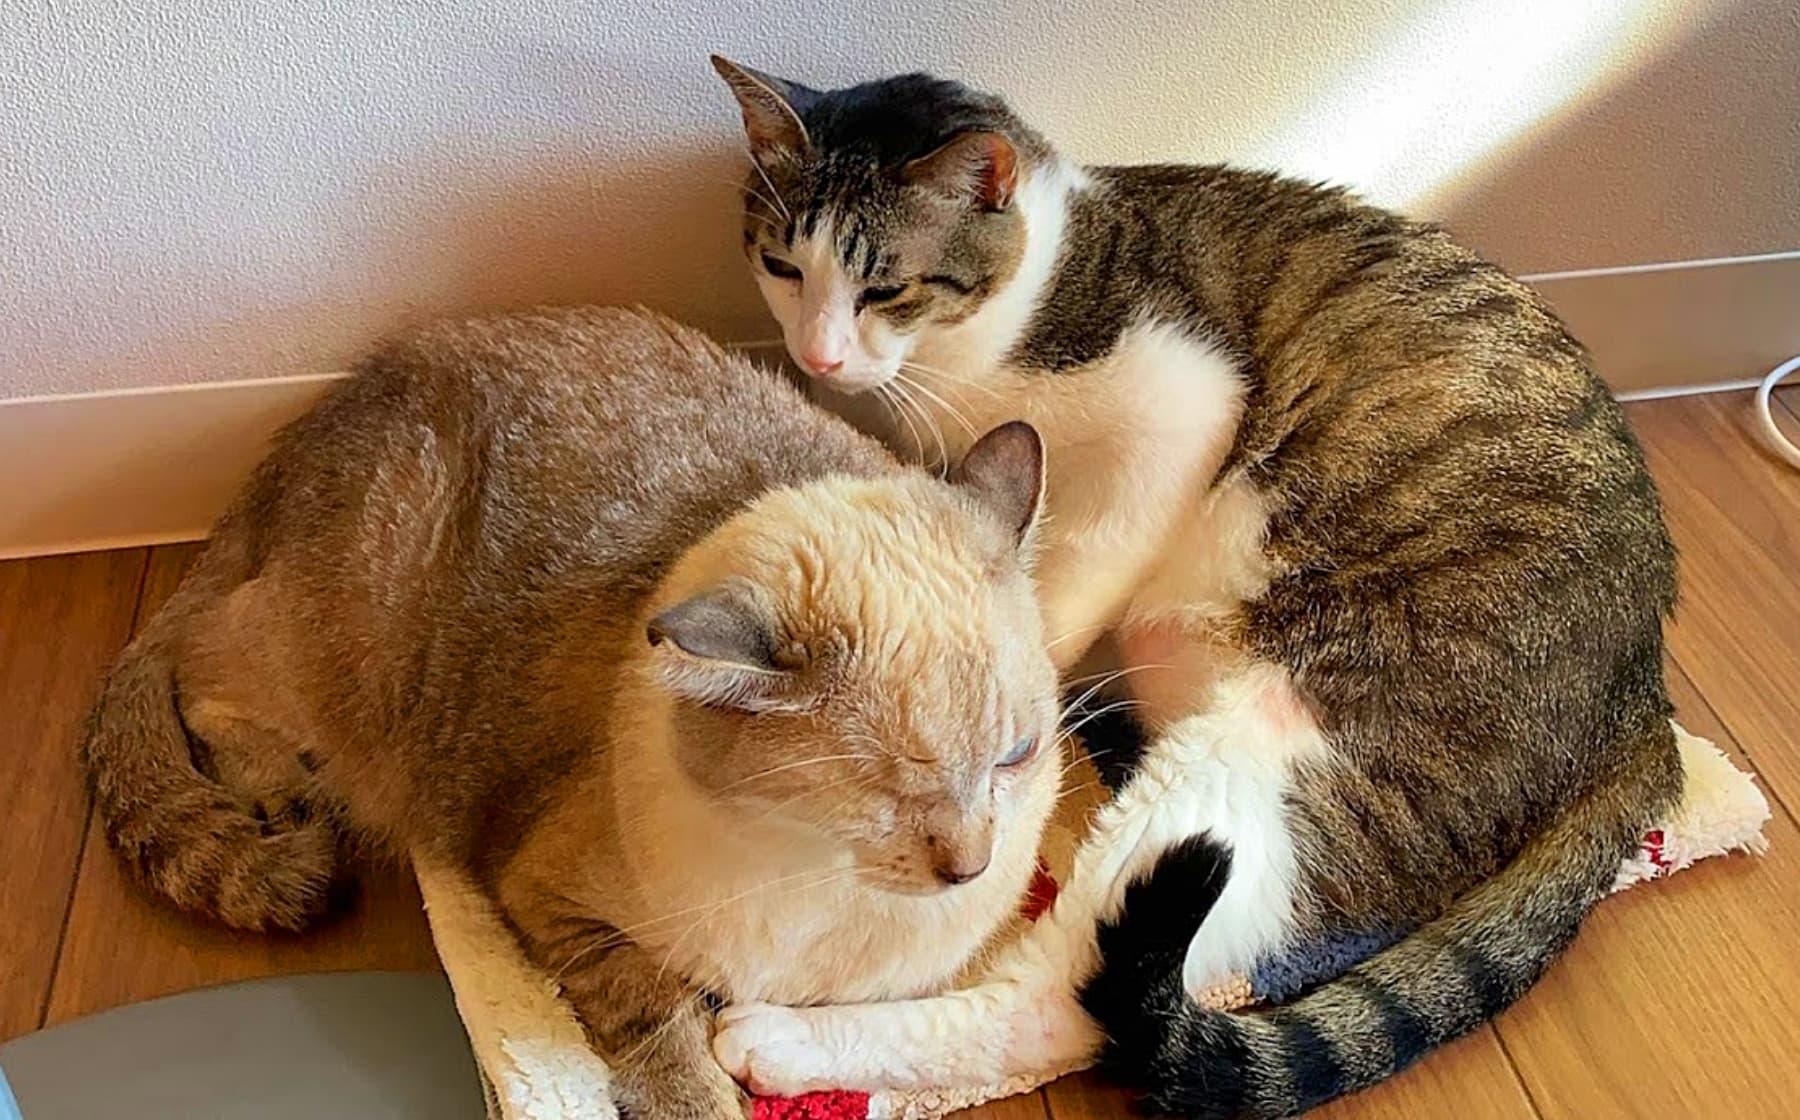 『保護猫とつながるカフェ&ショップ Nouvelle Vague(ヌーベルバーグ)』 特徴1